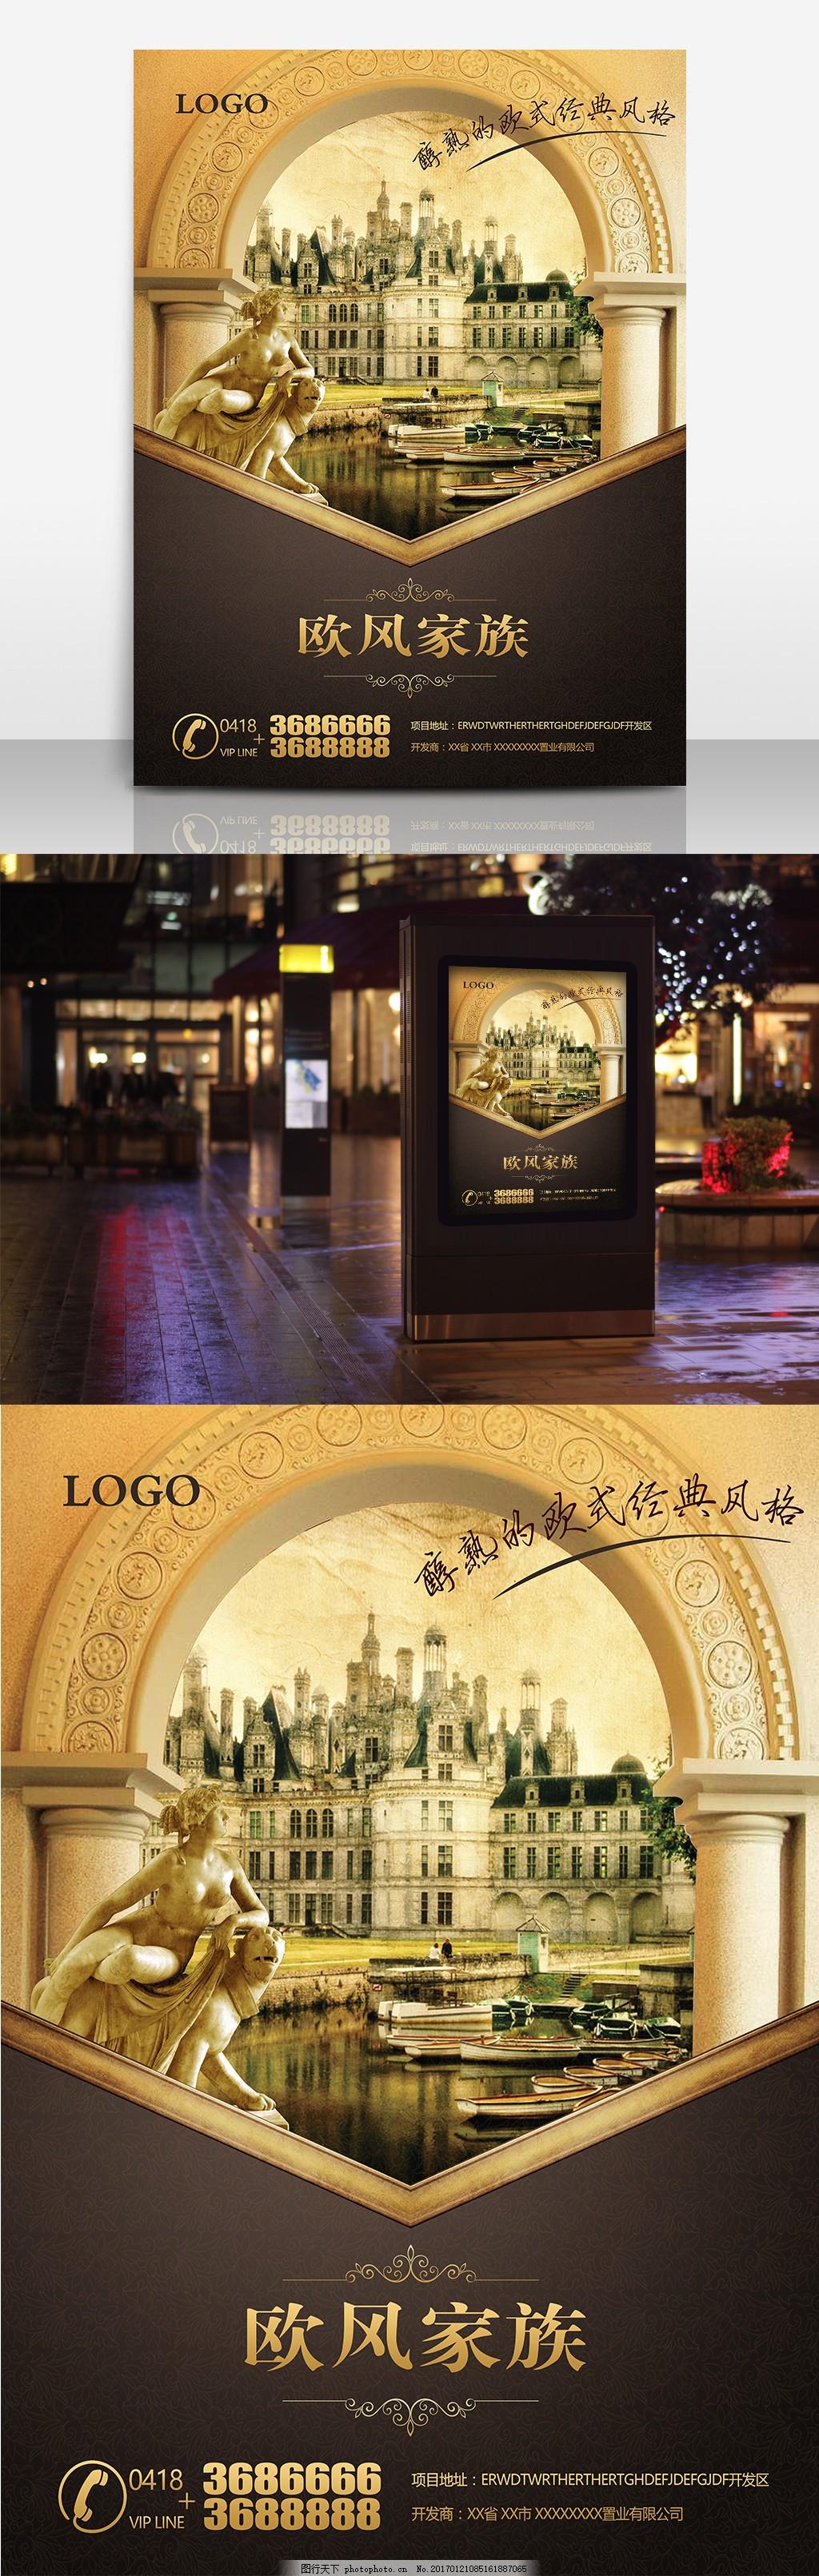 房地产海报竖版 欧式风格 雕塑 欧式古堡 风景 拱门 经典